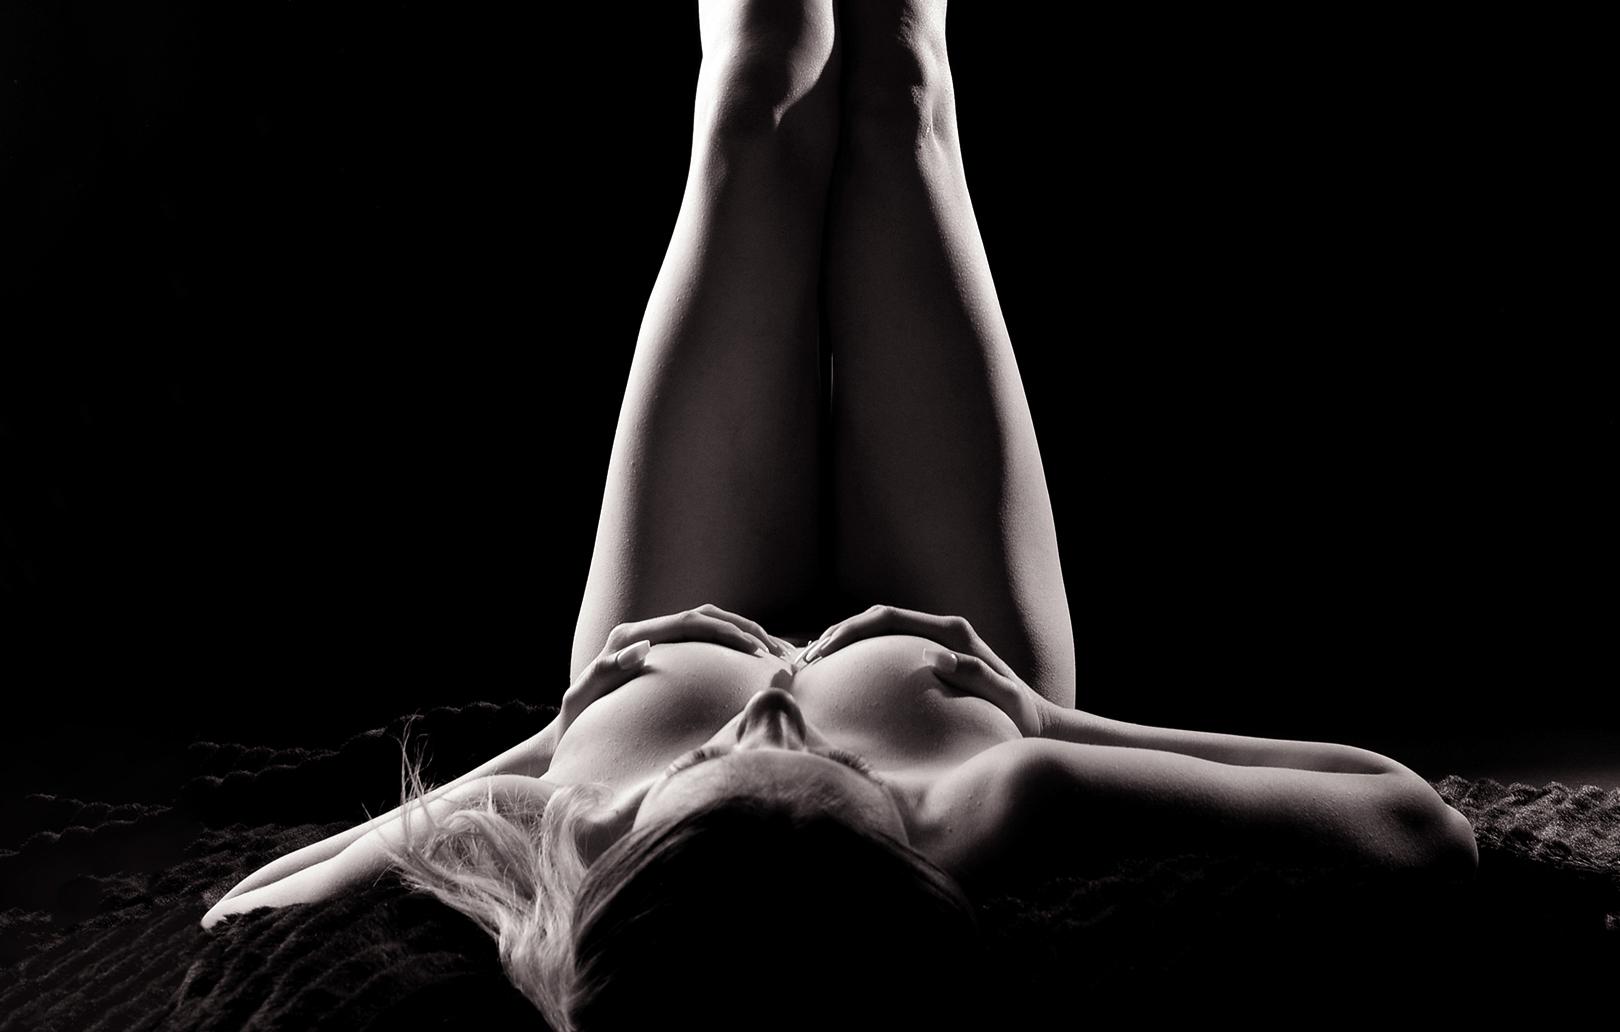 erotisches-fotoshooting-hamm-bg21610532722